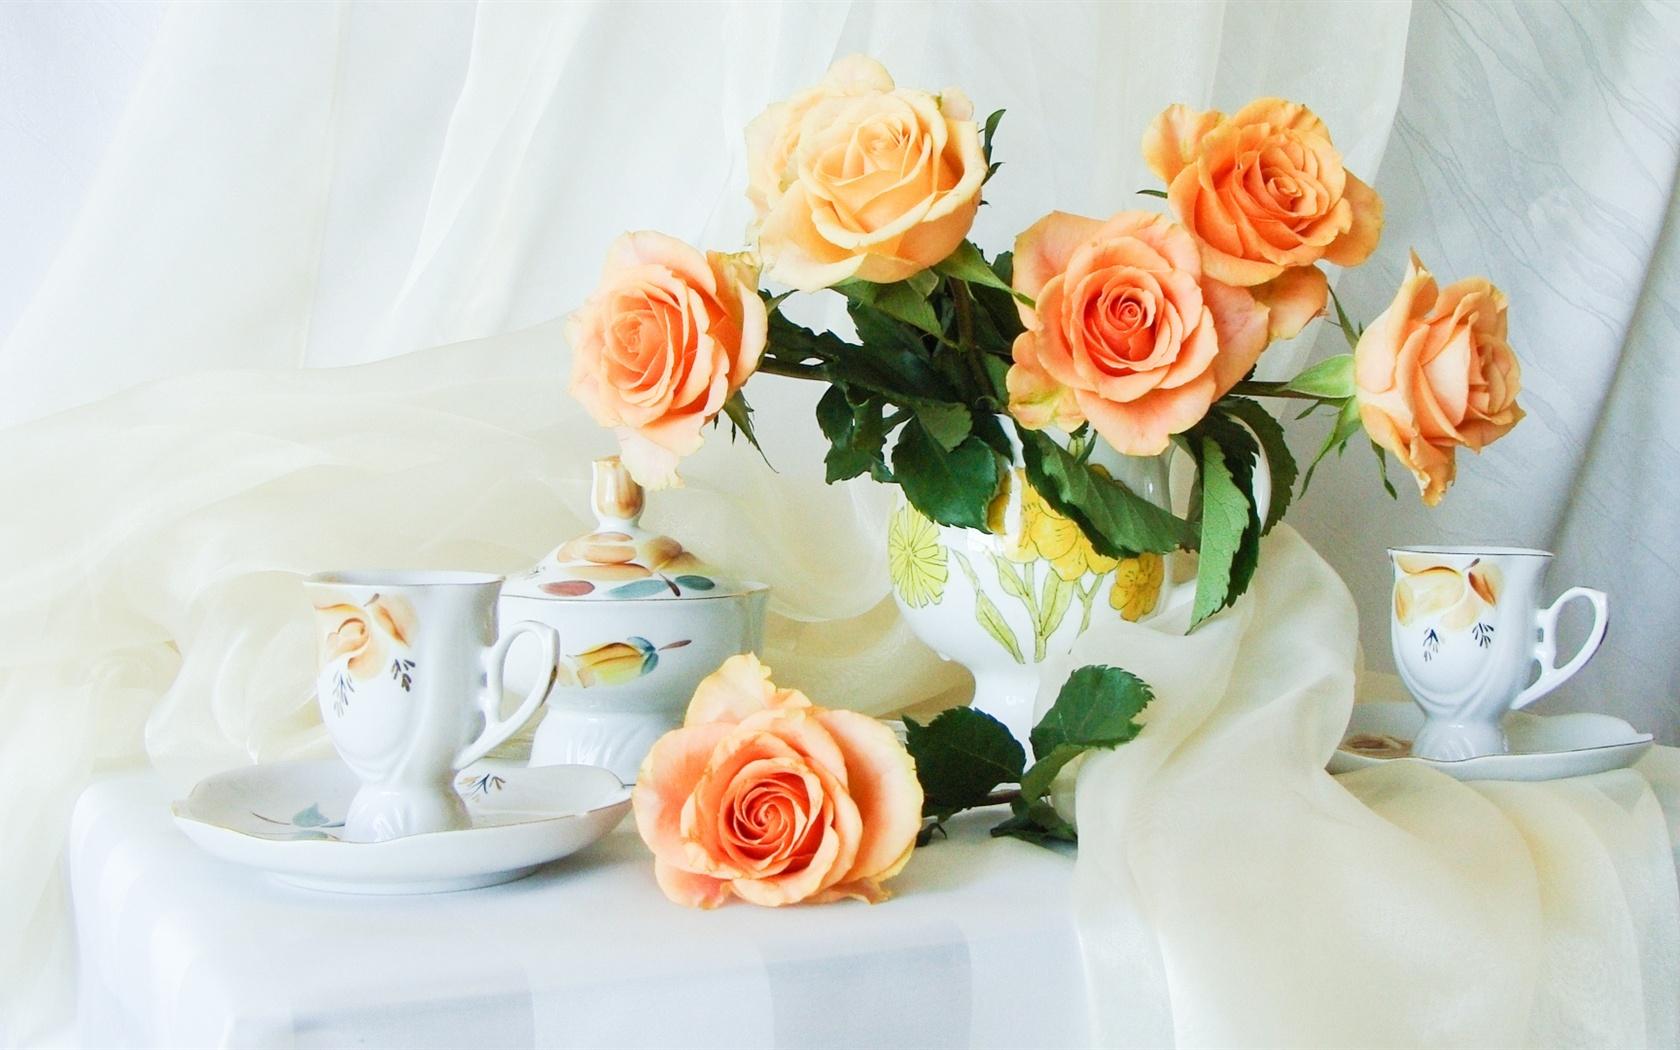 Обои на рабочий стол красивые бесплатно цветы розы натюрморт